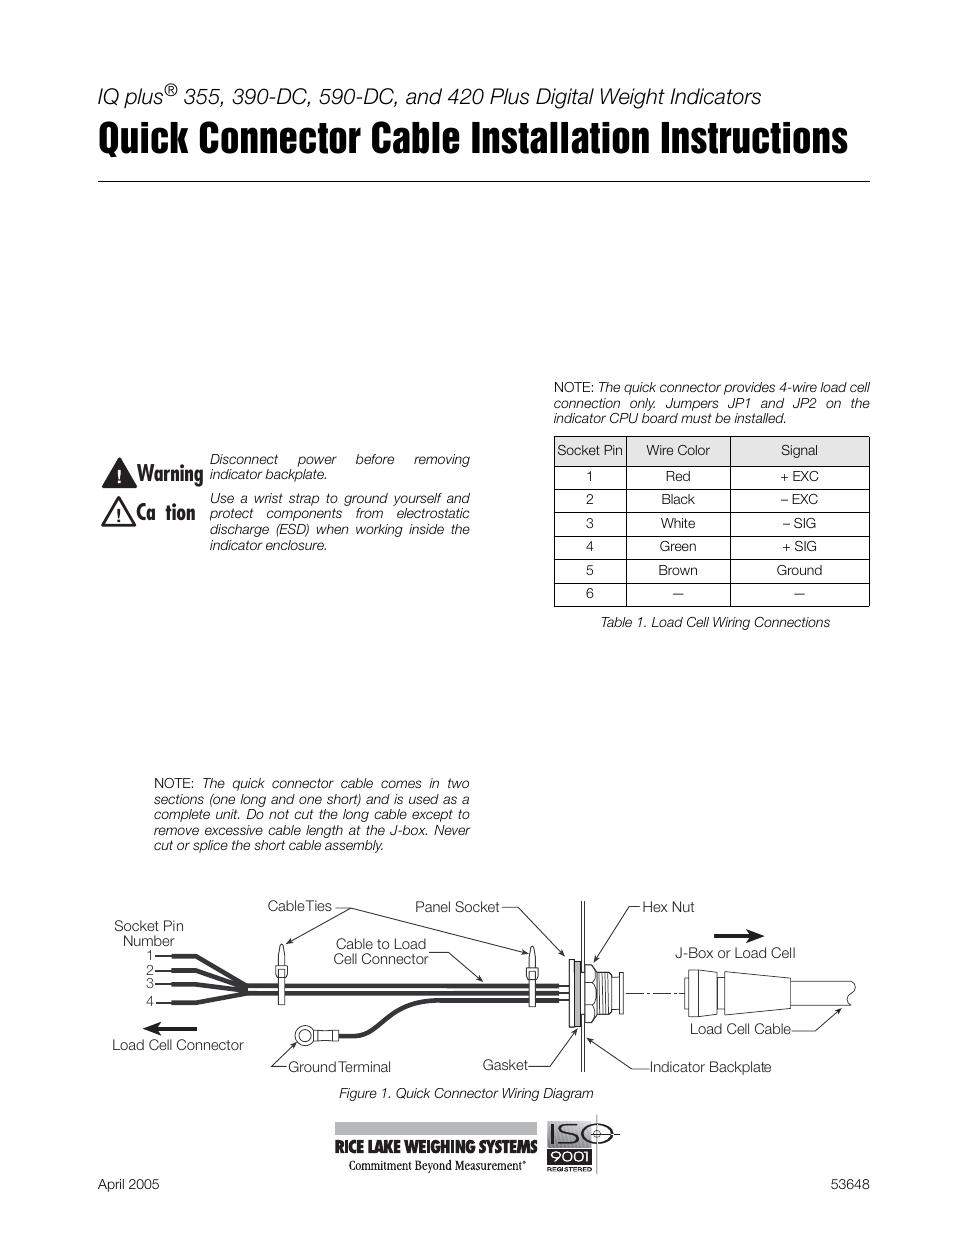 Rice Lake IQ plus 355 - 390-DC - 590-DC & 420 Plus Quick